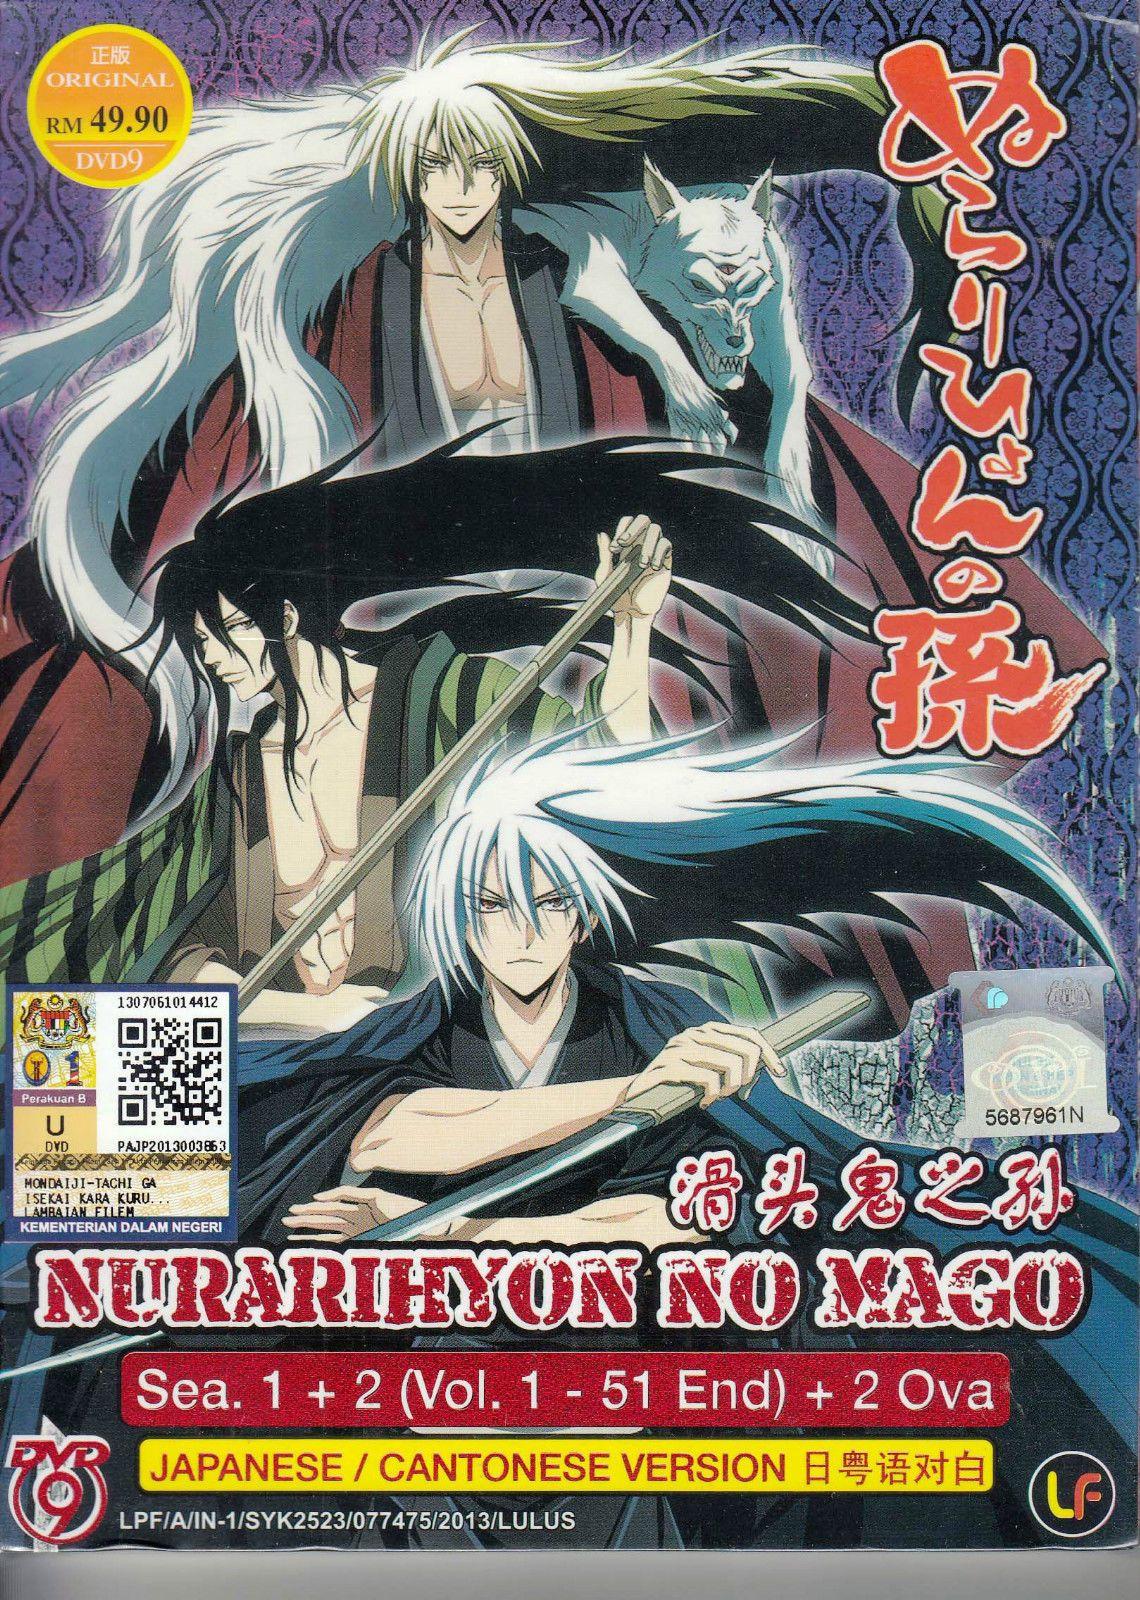 Dvd Anime Nurarihyon No Mago Nura Rise Of The Yokai Clan Season 1